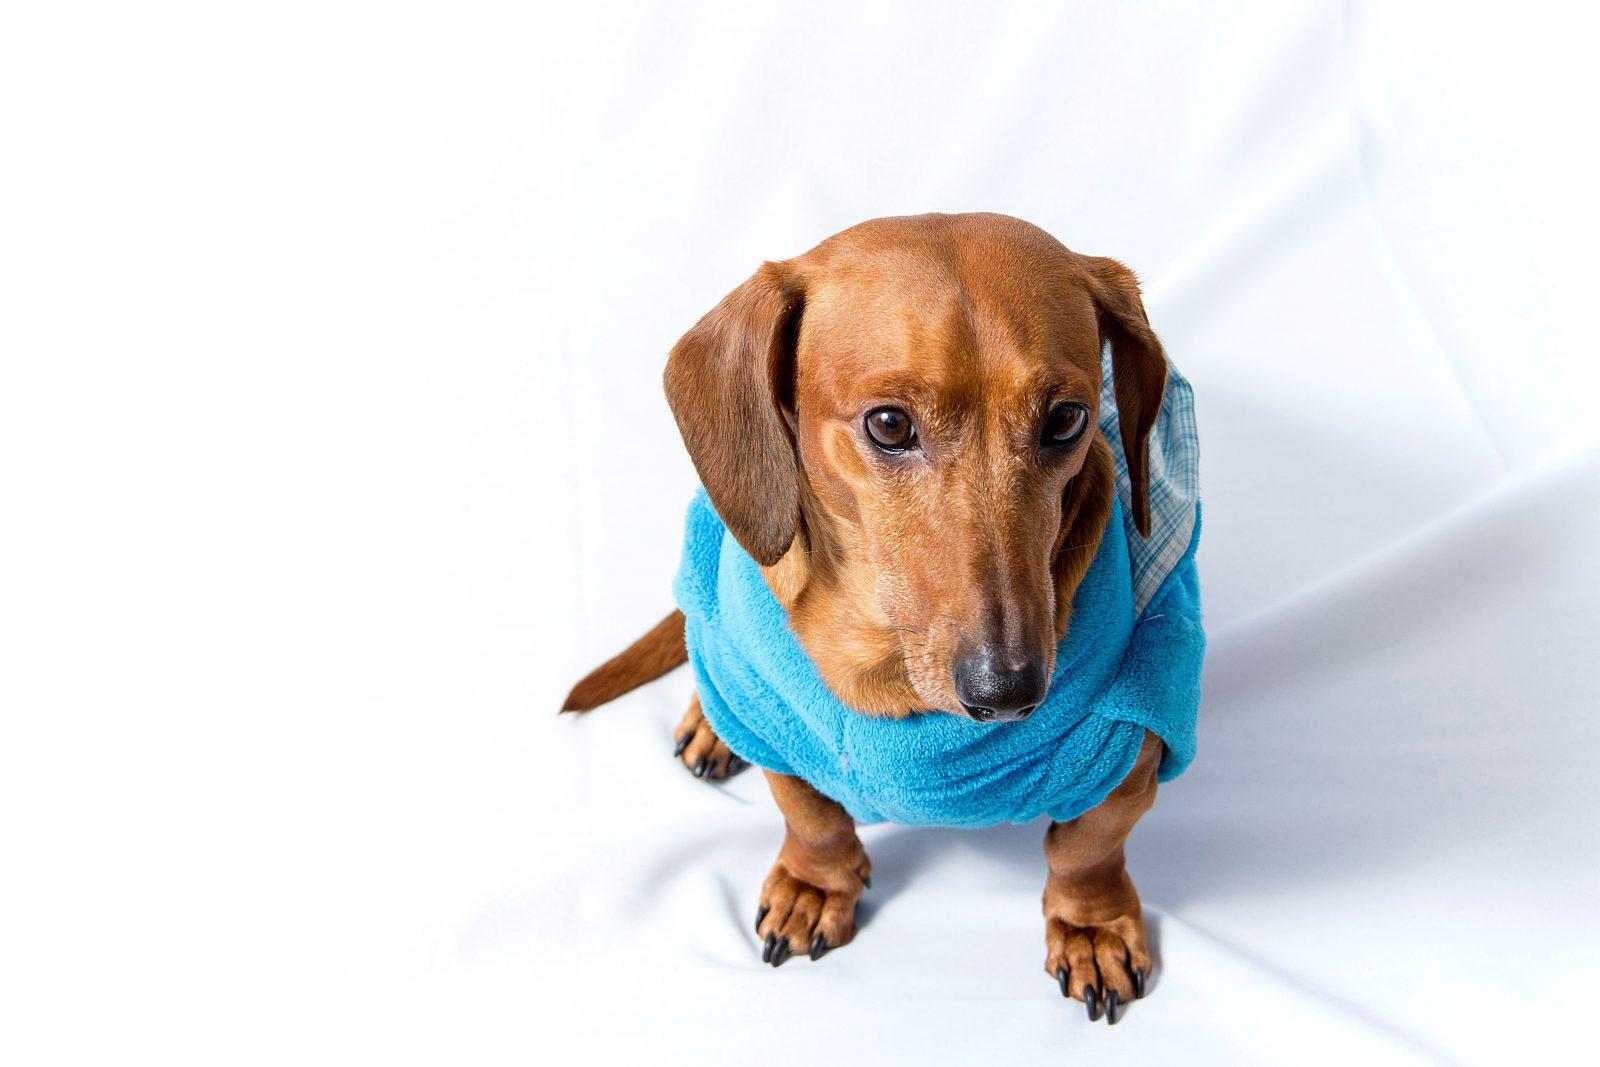 Roupa para cachorro: Dachshund vestindo uma peça de roupa de cachorro quentinha